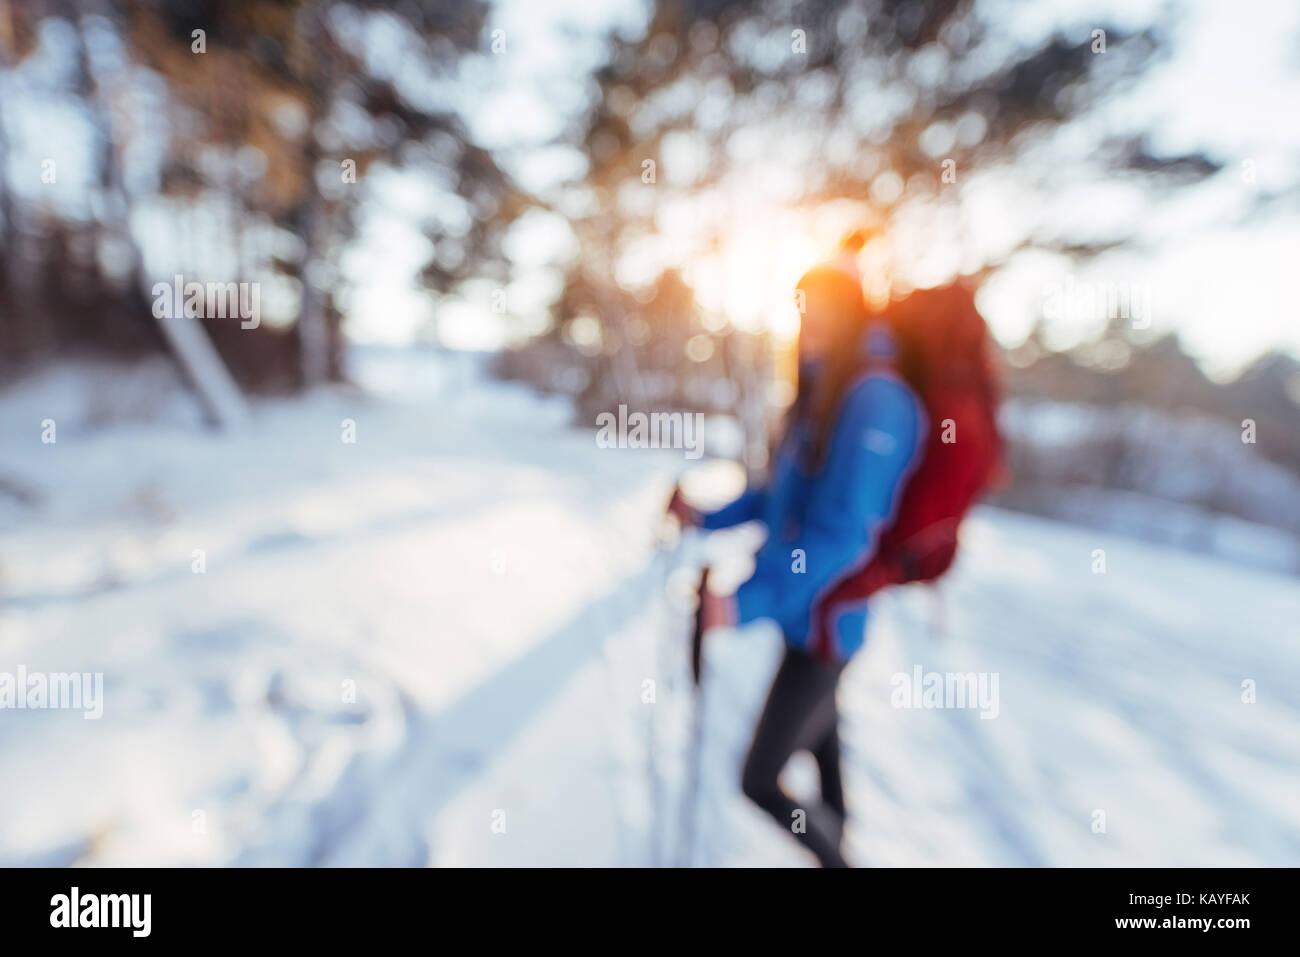 Frau Reisenden aus Fokus mit Rucksack wandern Reisen Lifestyle Abenteuer Konzept aktive Ferien im Freien. Stockbild